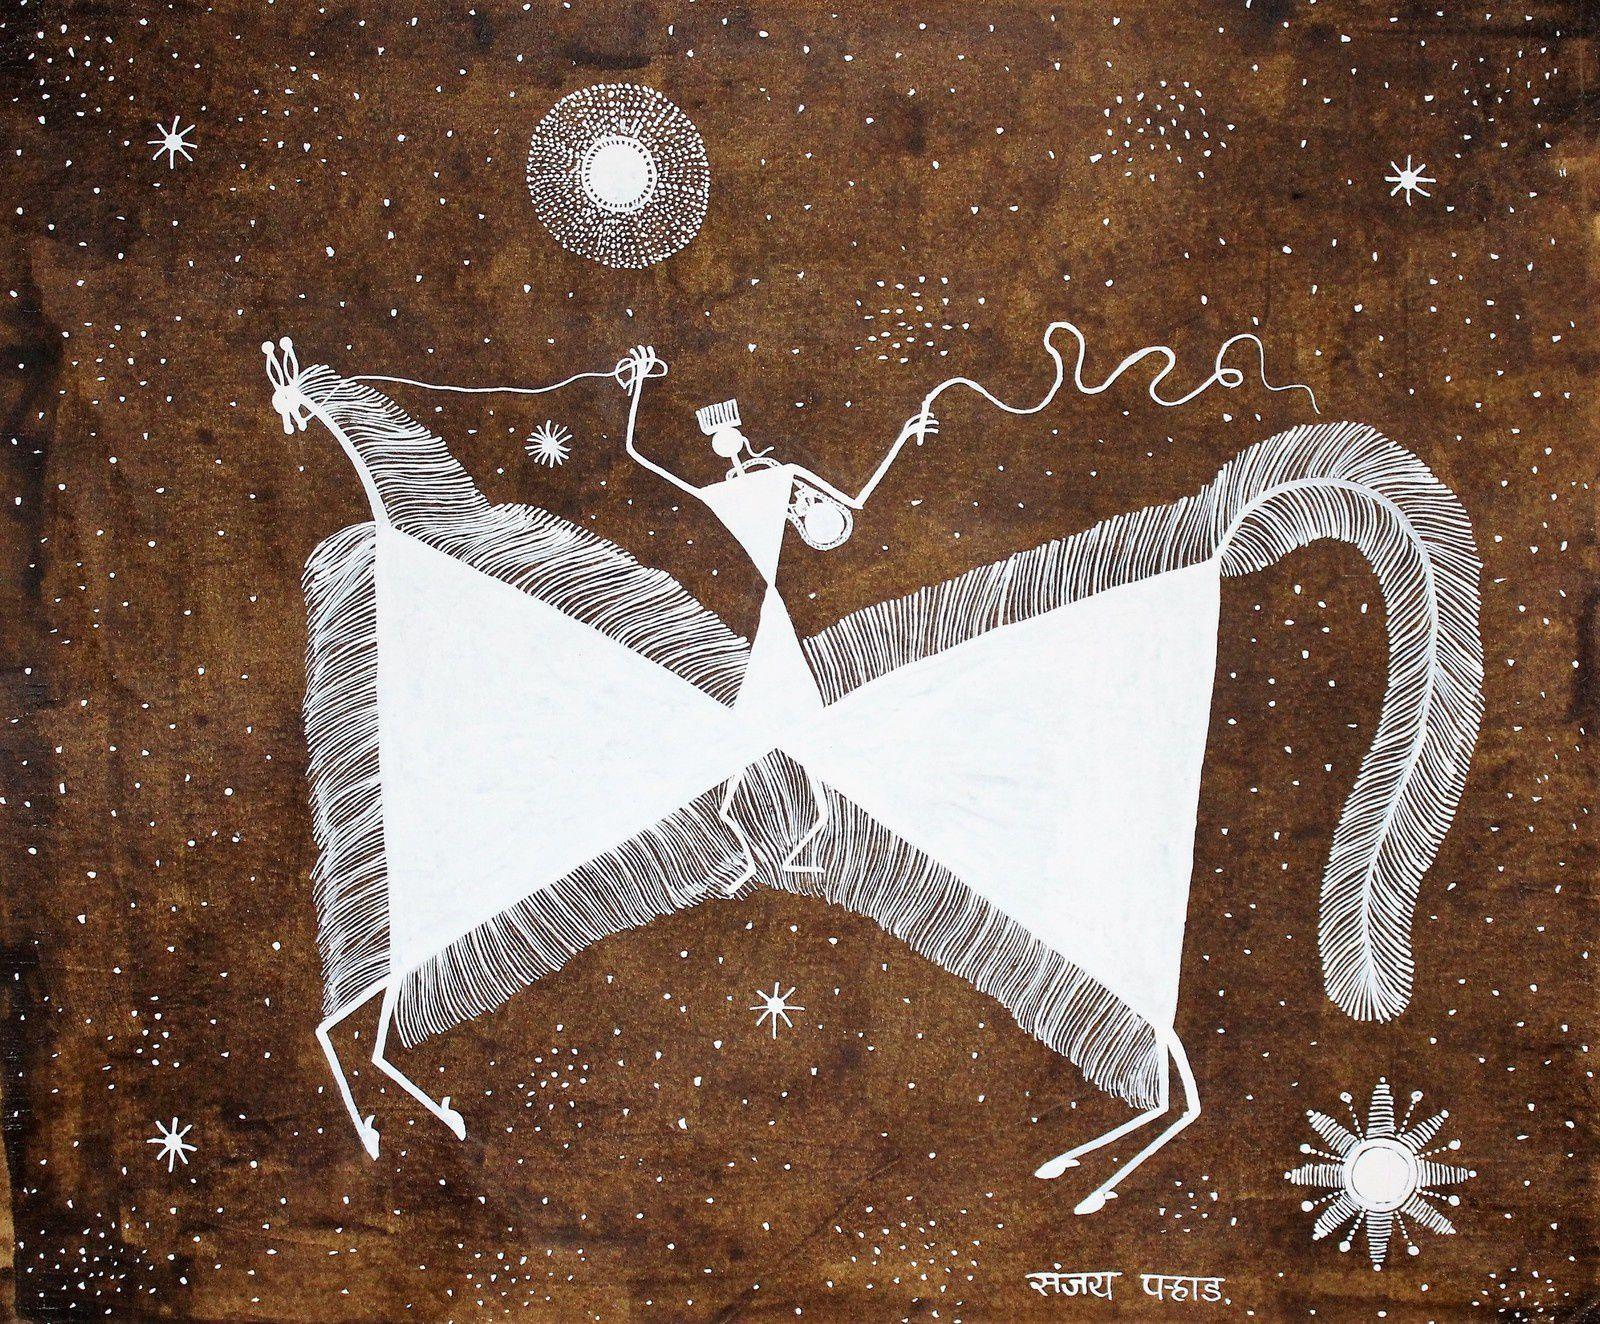 Ghodsawari dev, dieu des graines, Bouse, résine et acrylique